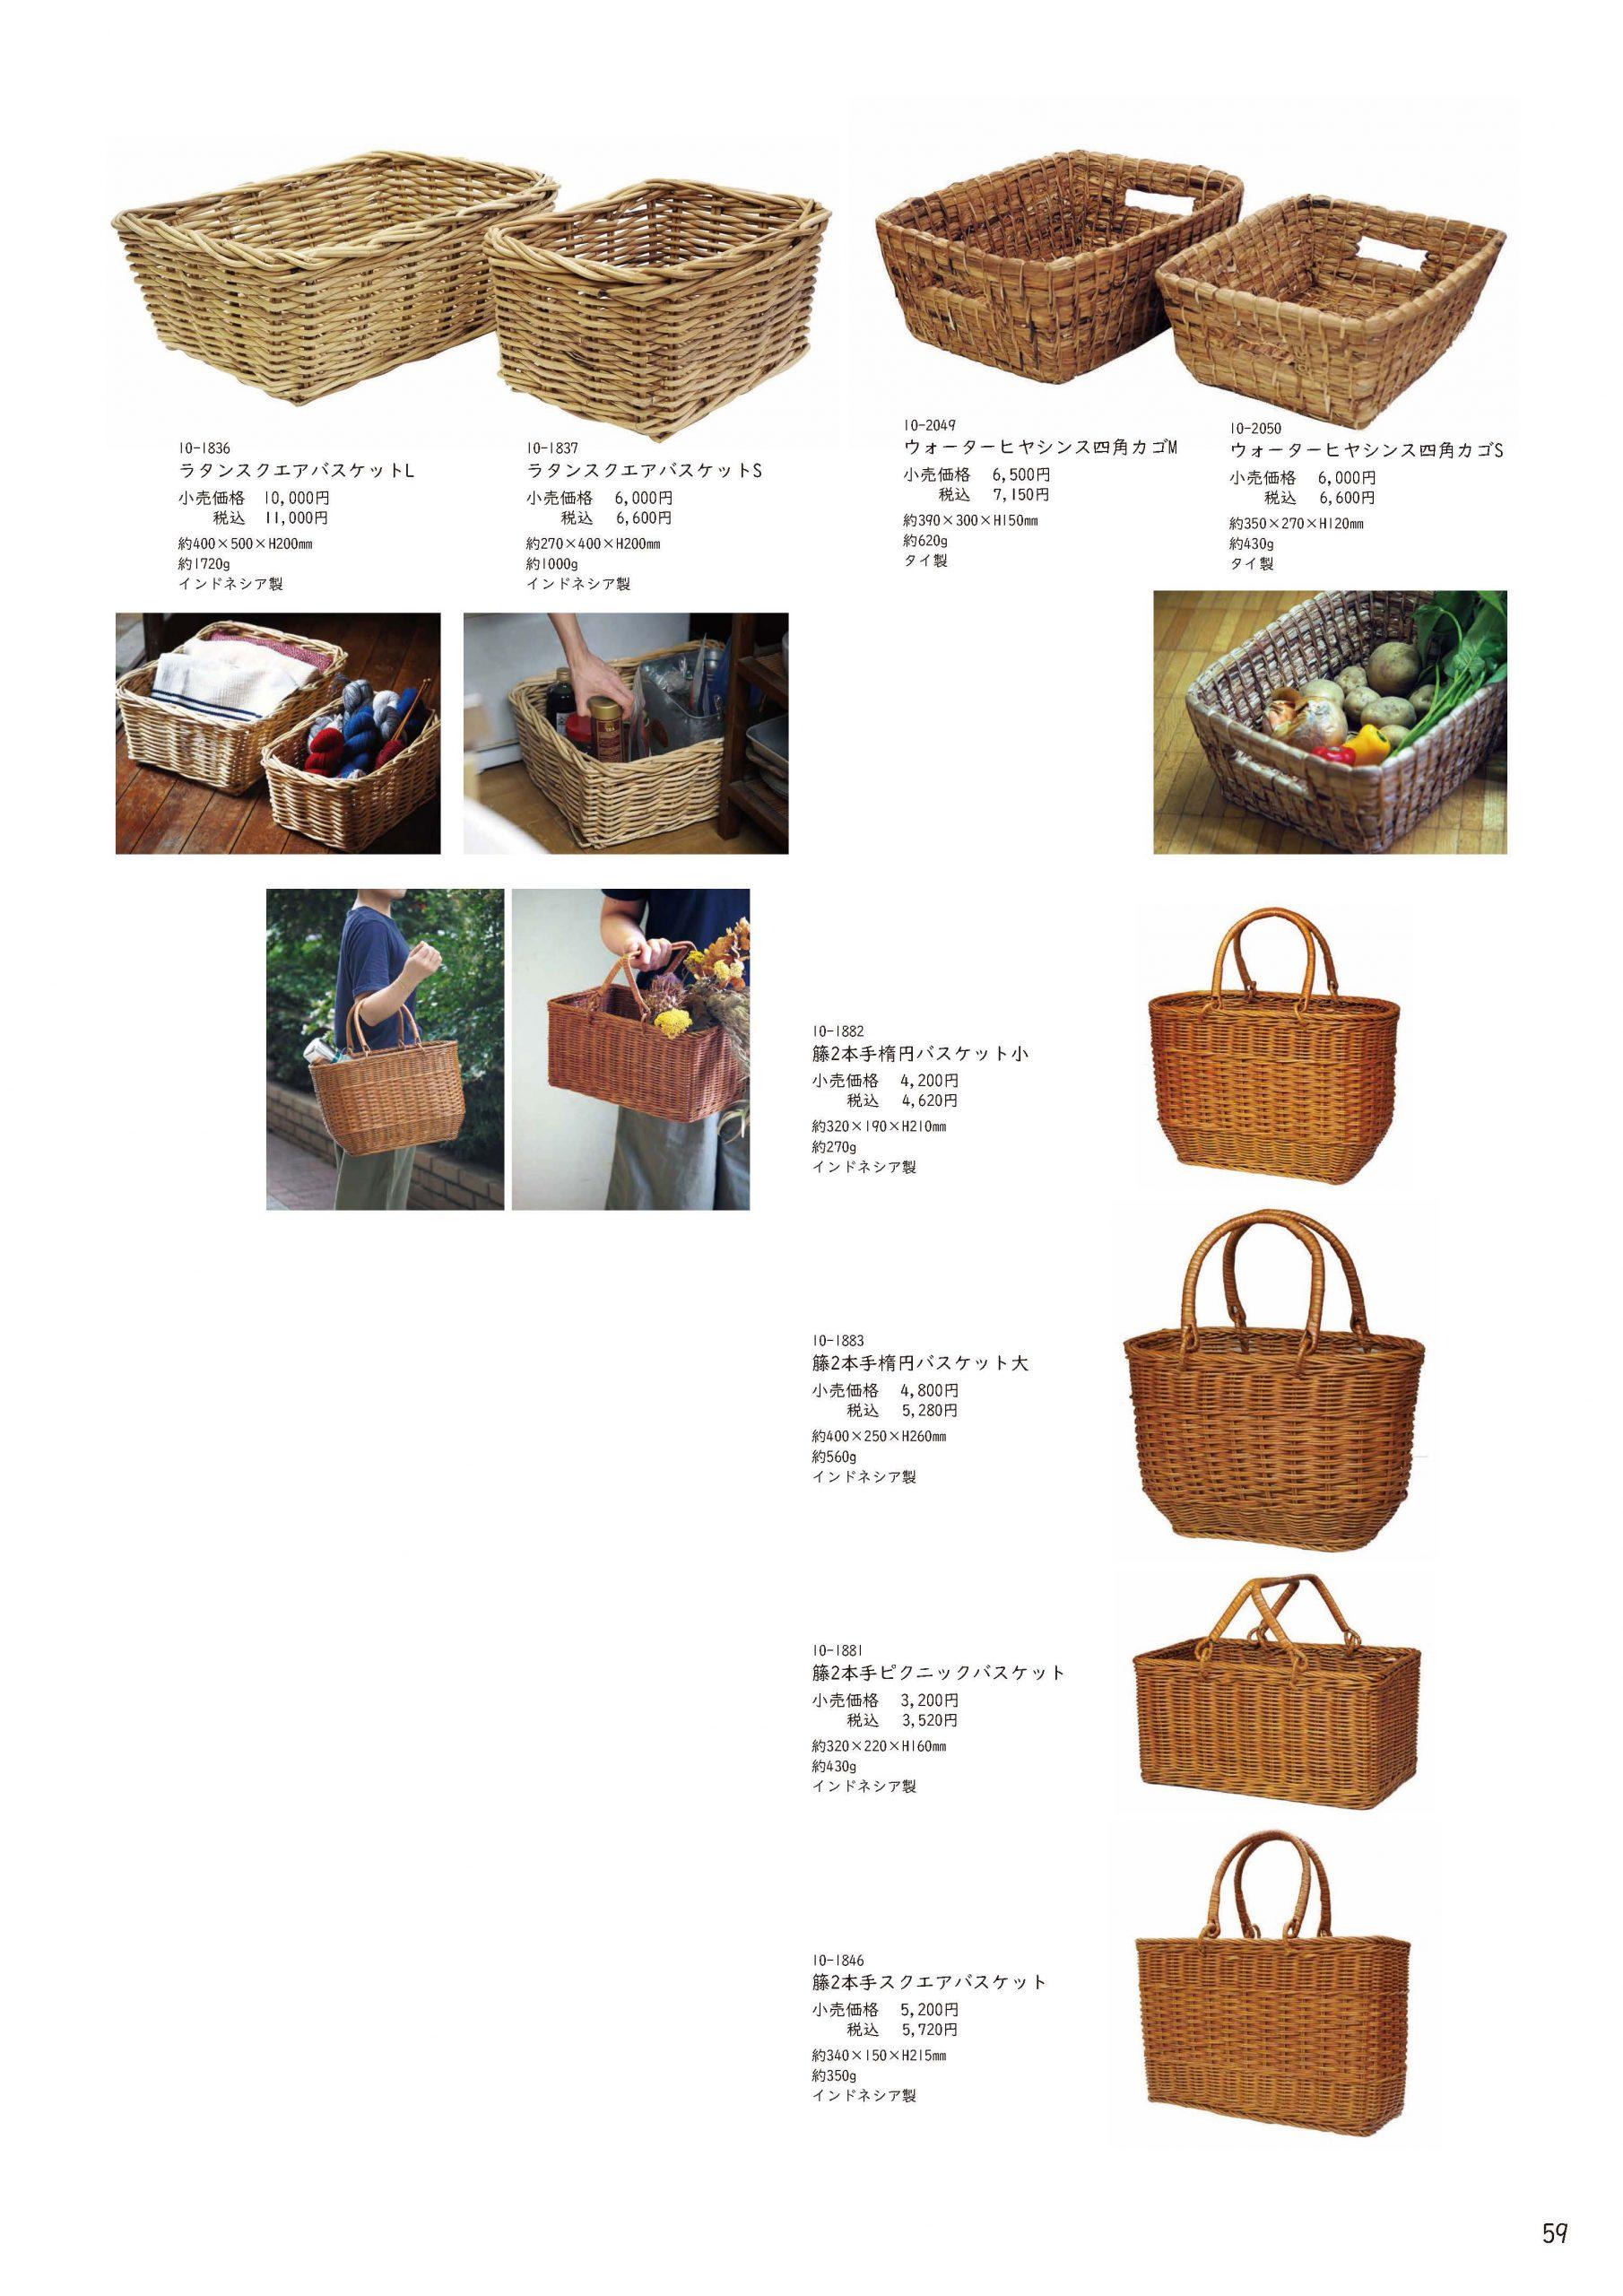 バスケット⑤-バリ・籐・アルログバスケット-